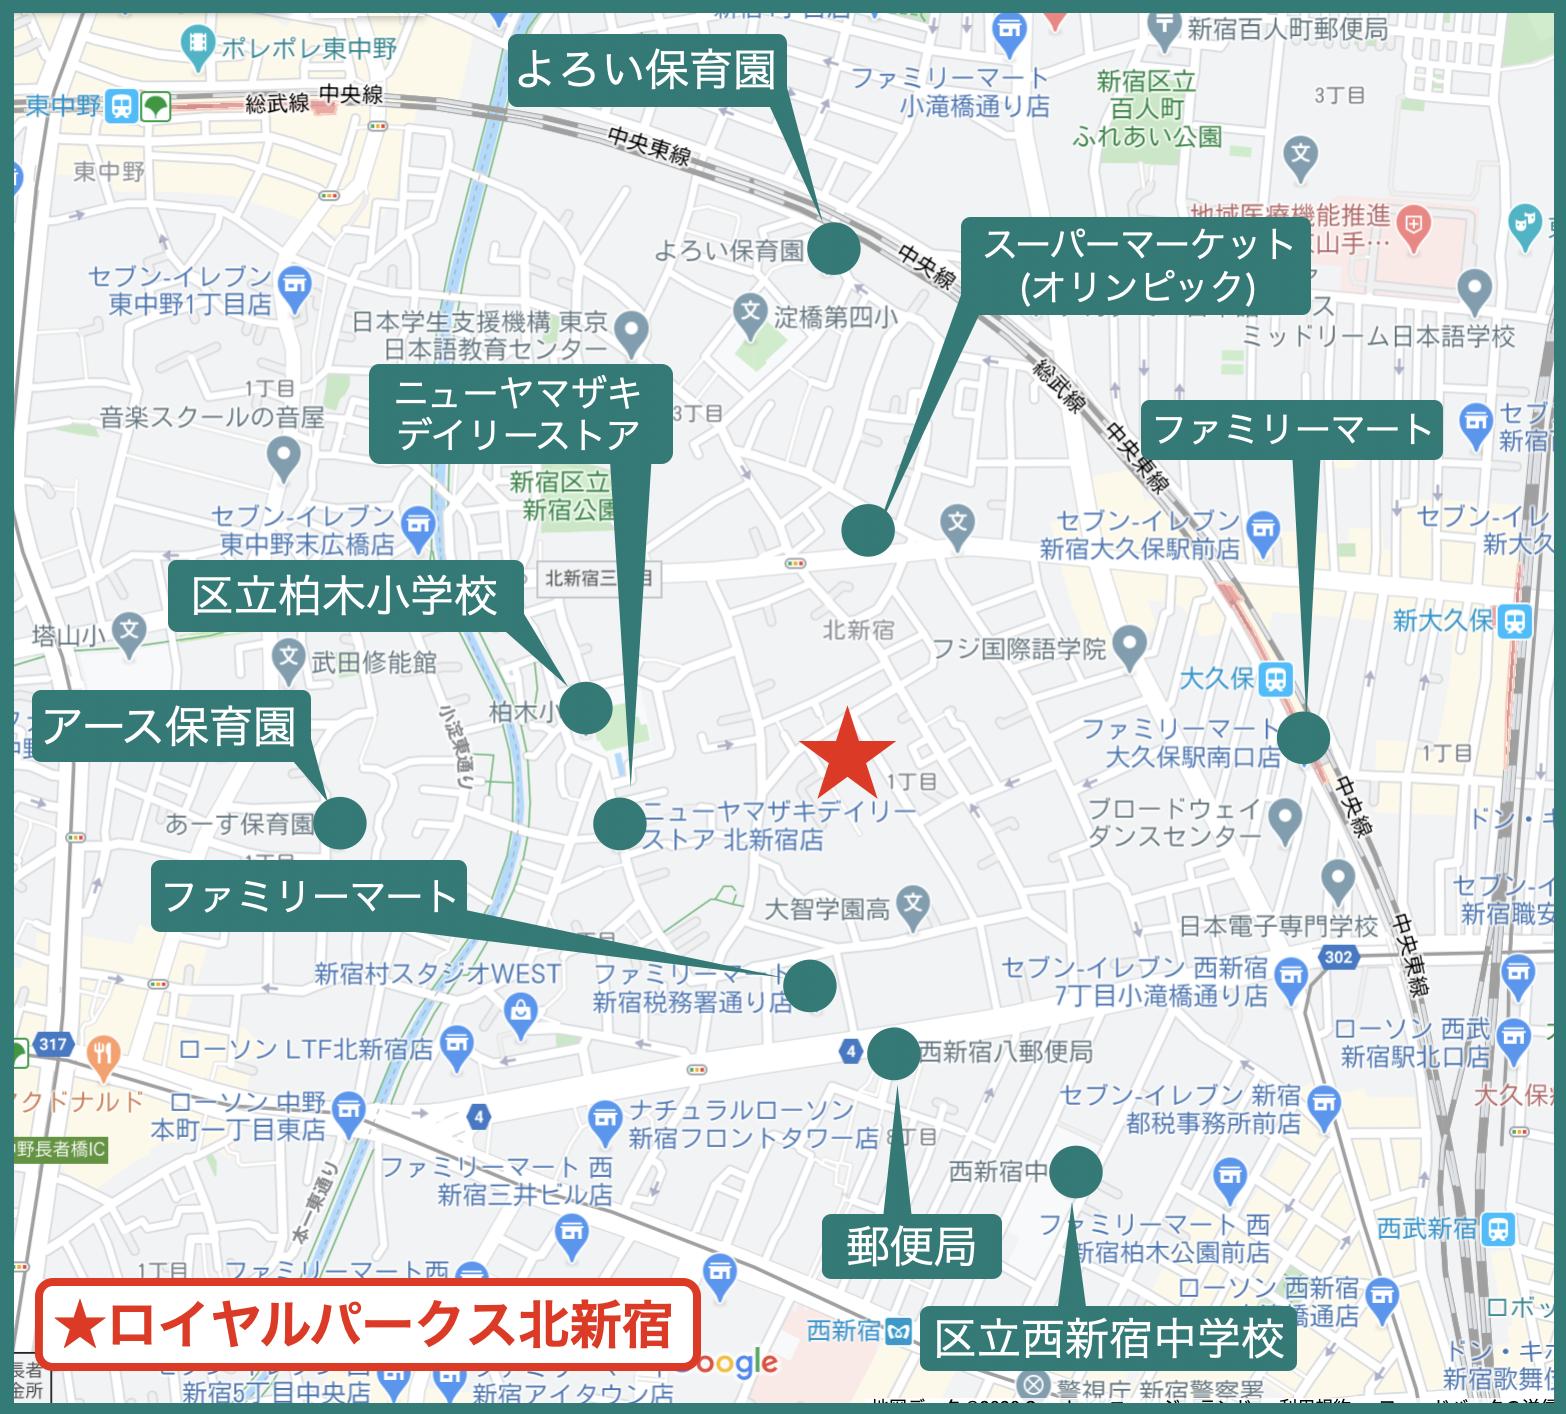 ロイヤルパークス北新宿の周辺図